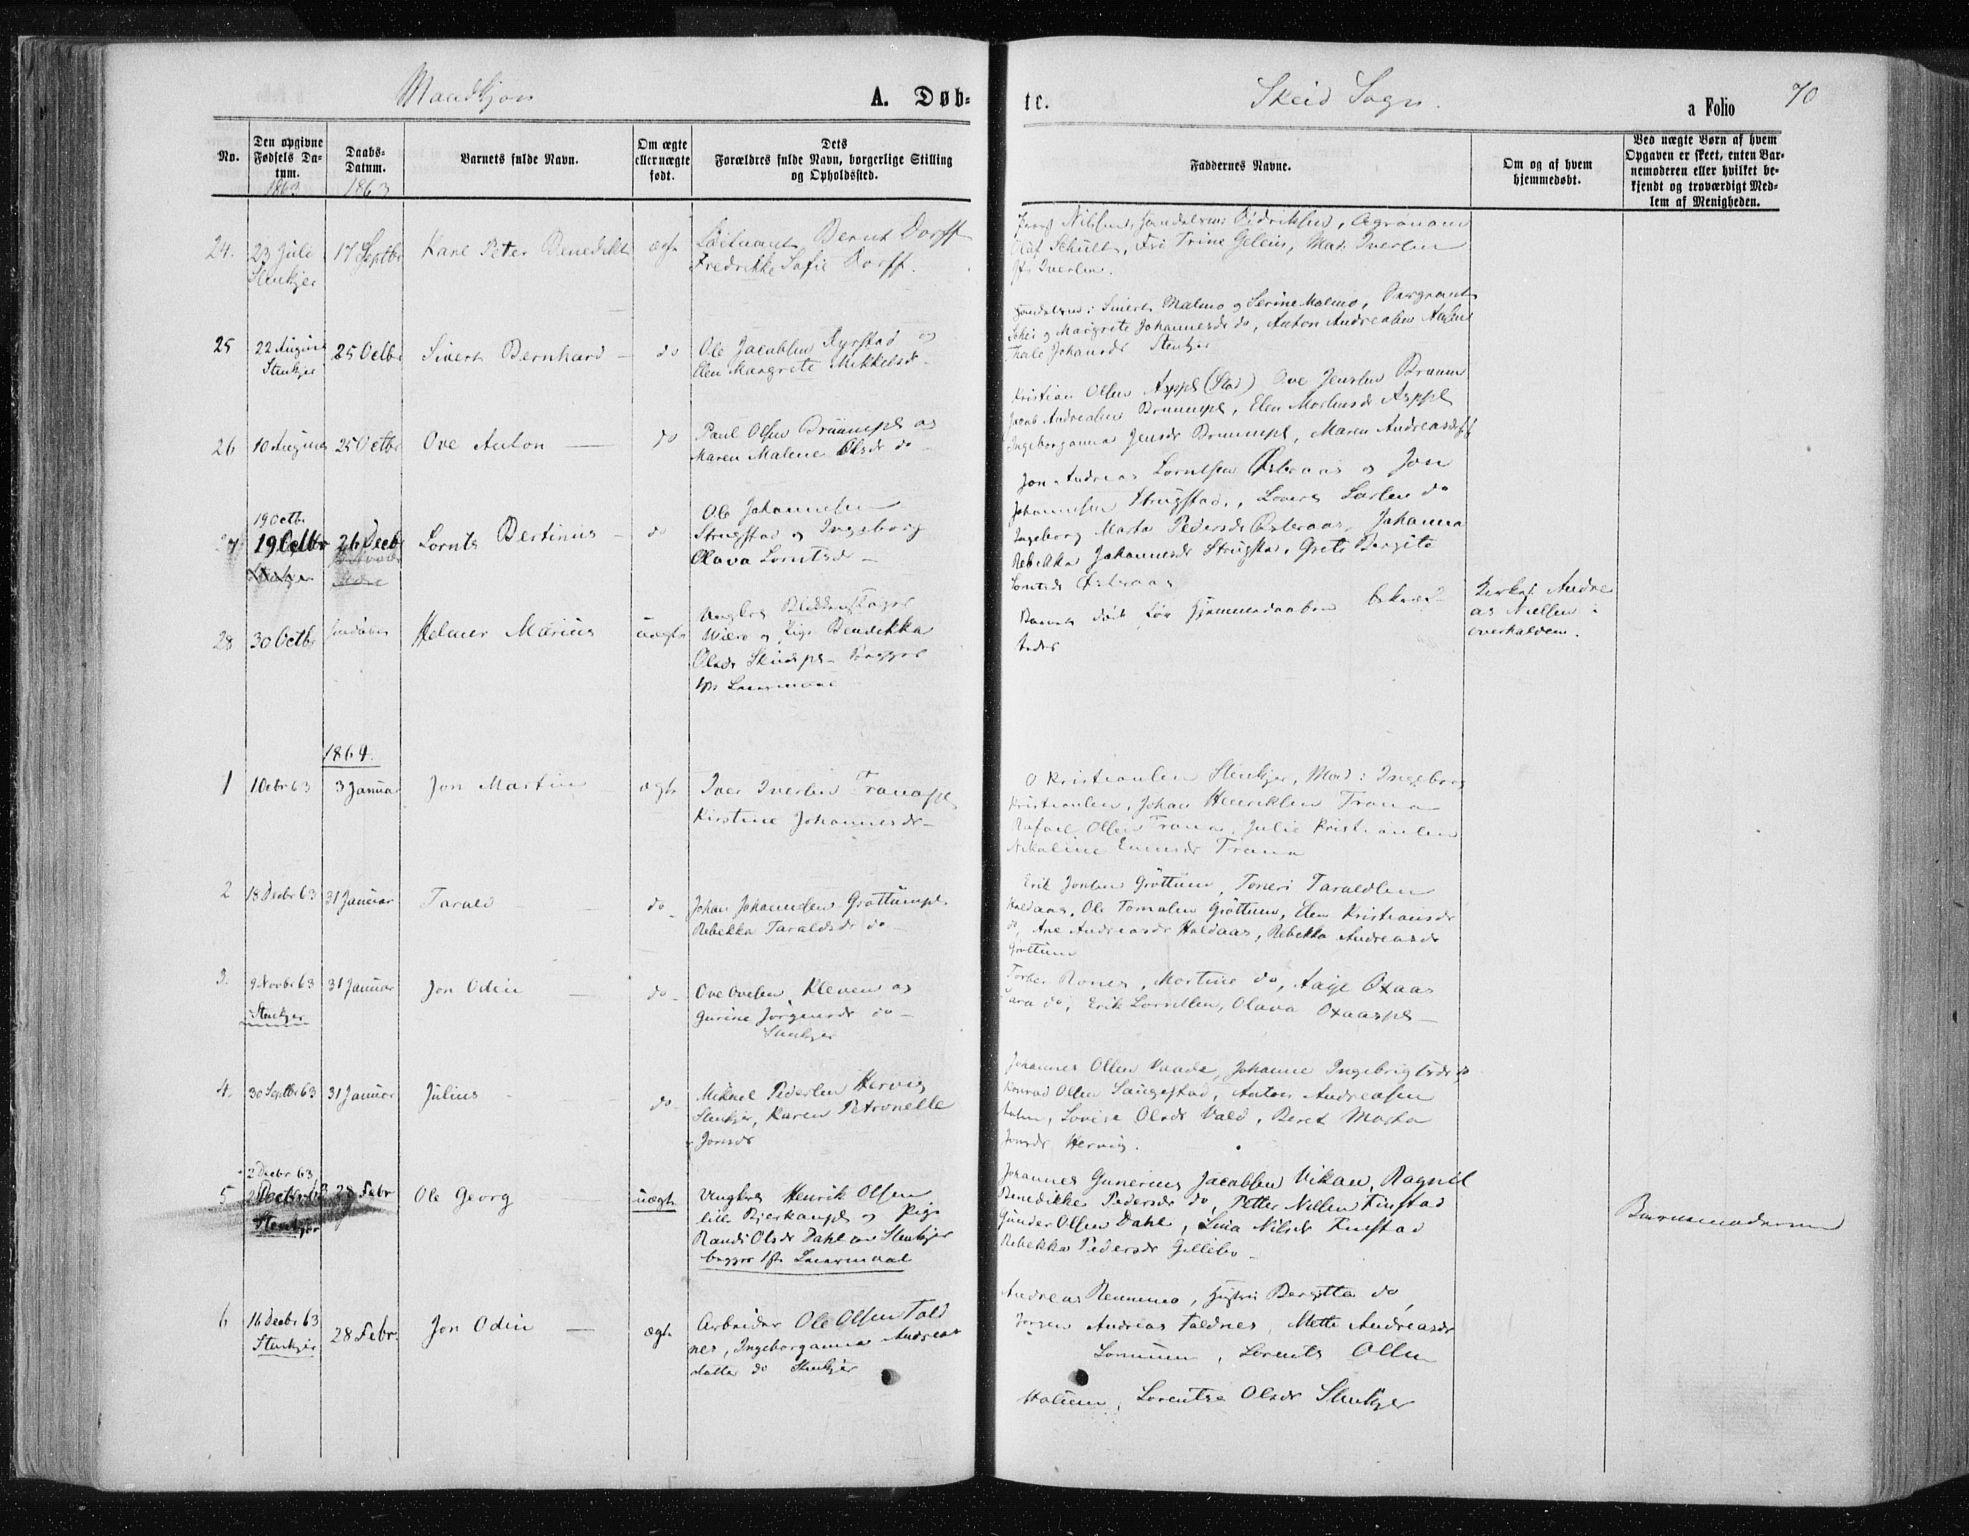 SAT, Ministerialprotokoller, klokkerbøker og fødselsregistre - Nord-Trøndelag, 735/L0345: Ministerialbok nr. 735A08 /2, 1863-1872, s. 70